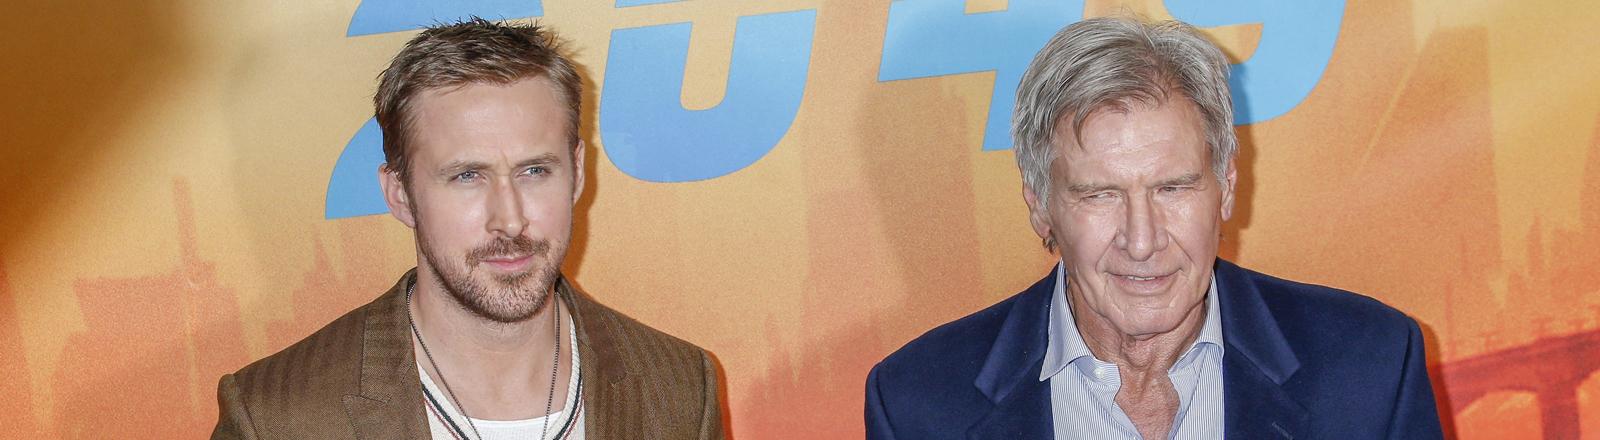 Blade Runner 2049-Darsteller Ryan Gosling und Harrison Ford